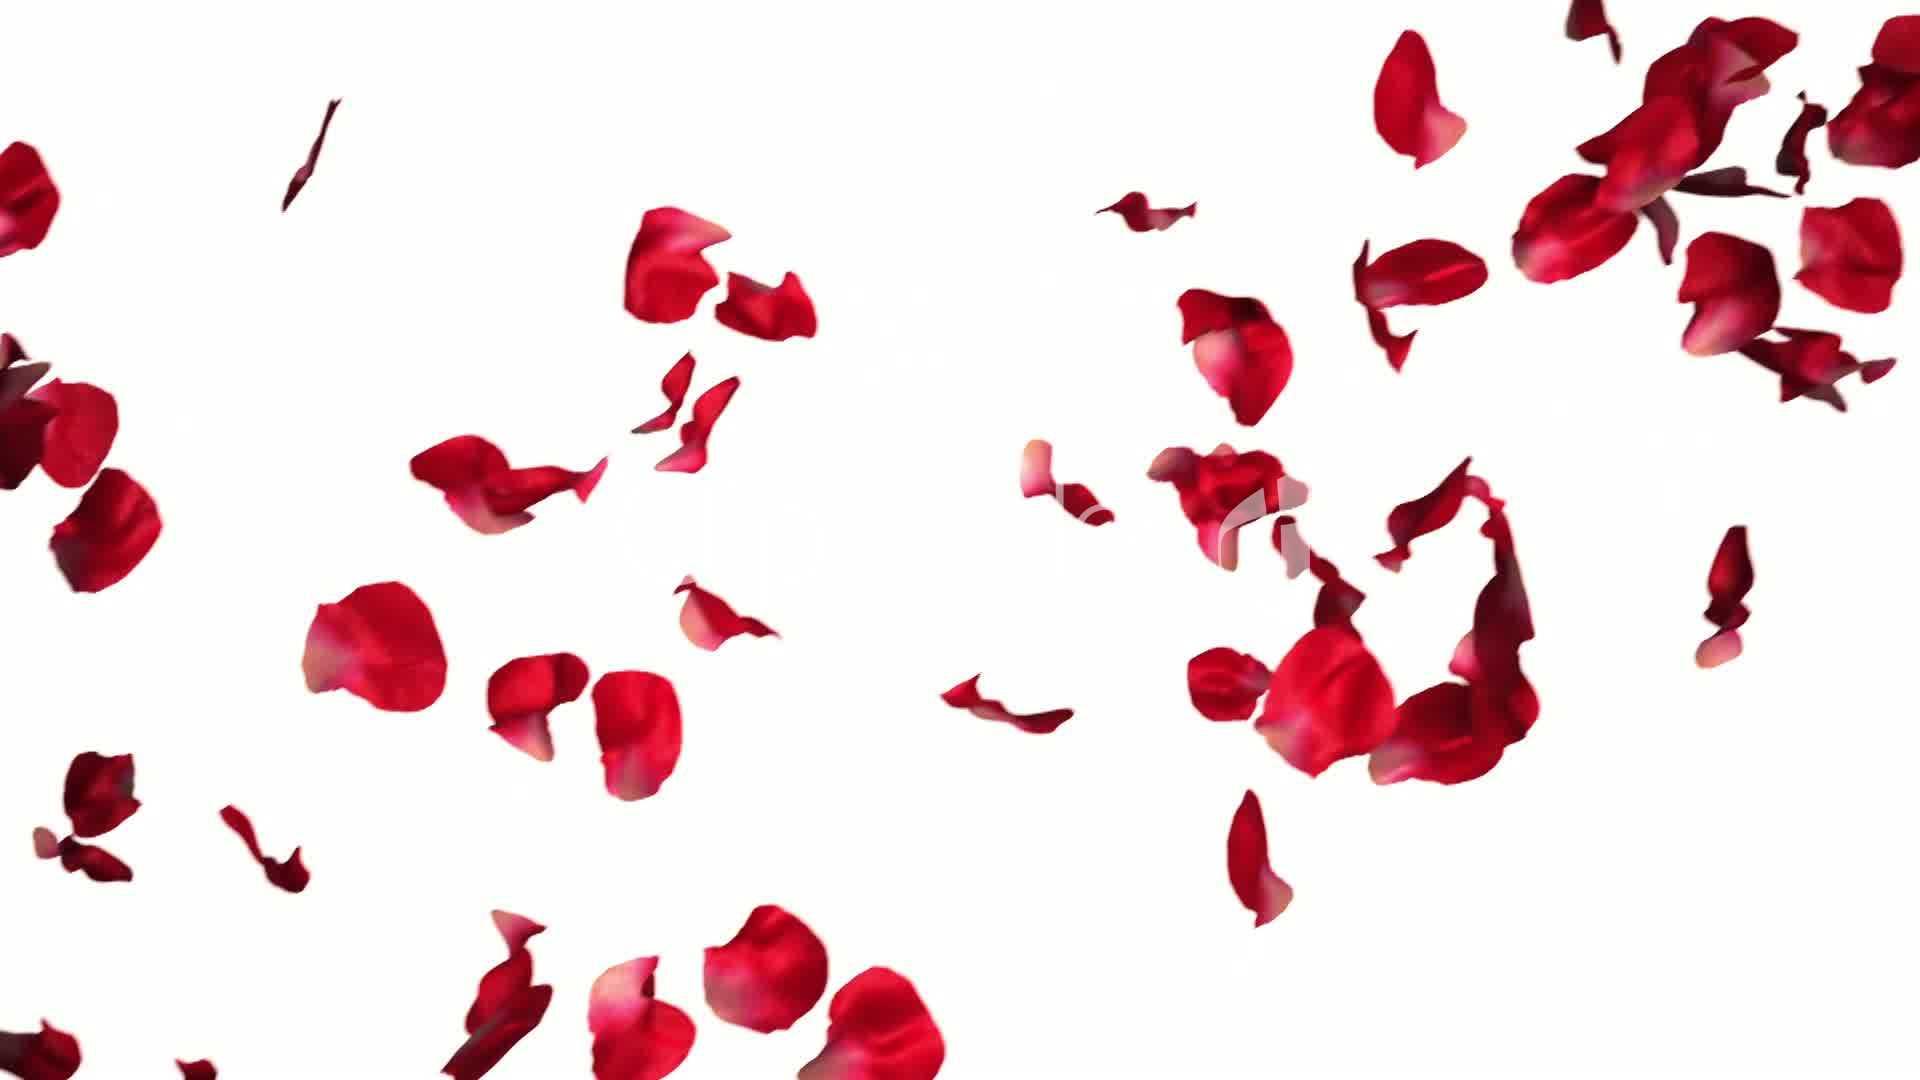 Red Falling Petals